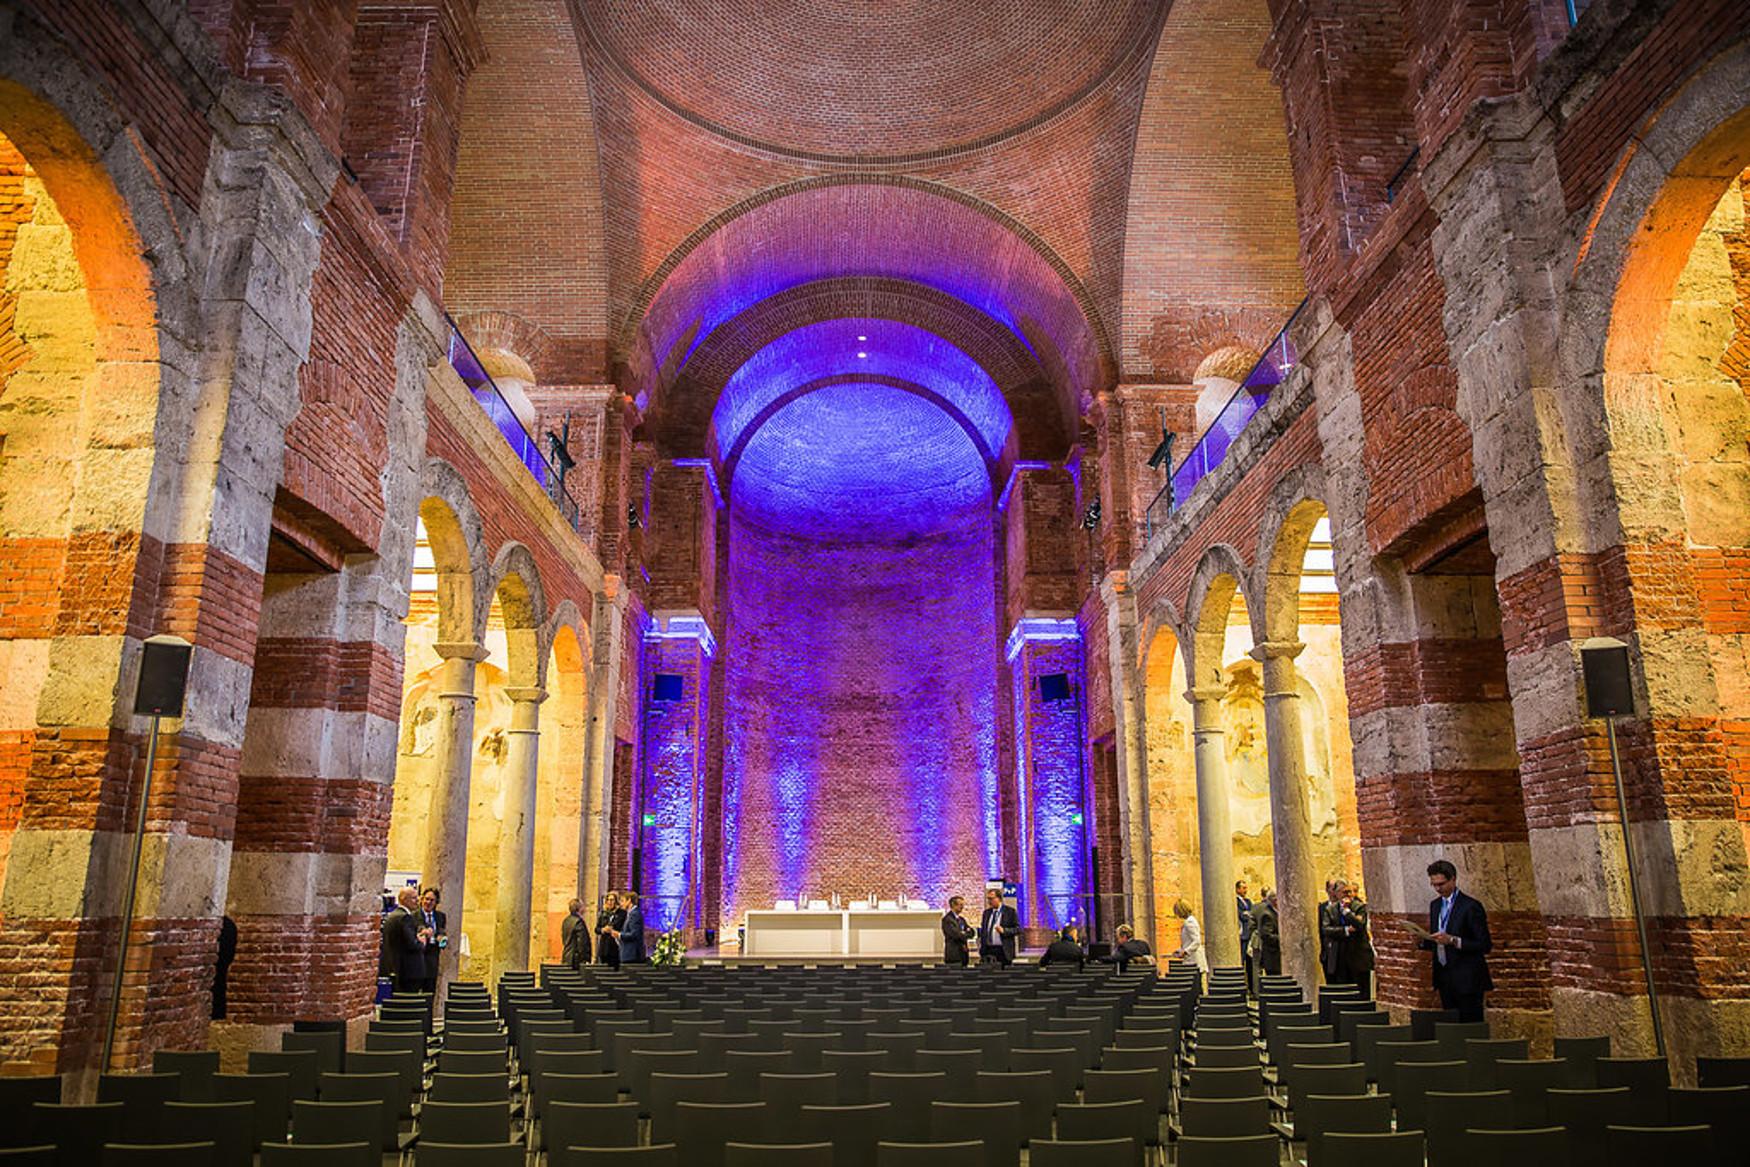 Die Allerheiligen-Hofkirche in München war am 23. Februar 2018 Schauplatz eines Festakts anlässlich des 20-jährigen Kanzleijubiläums von P+P Pöllath + Partners.